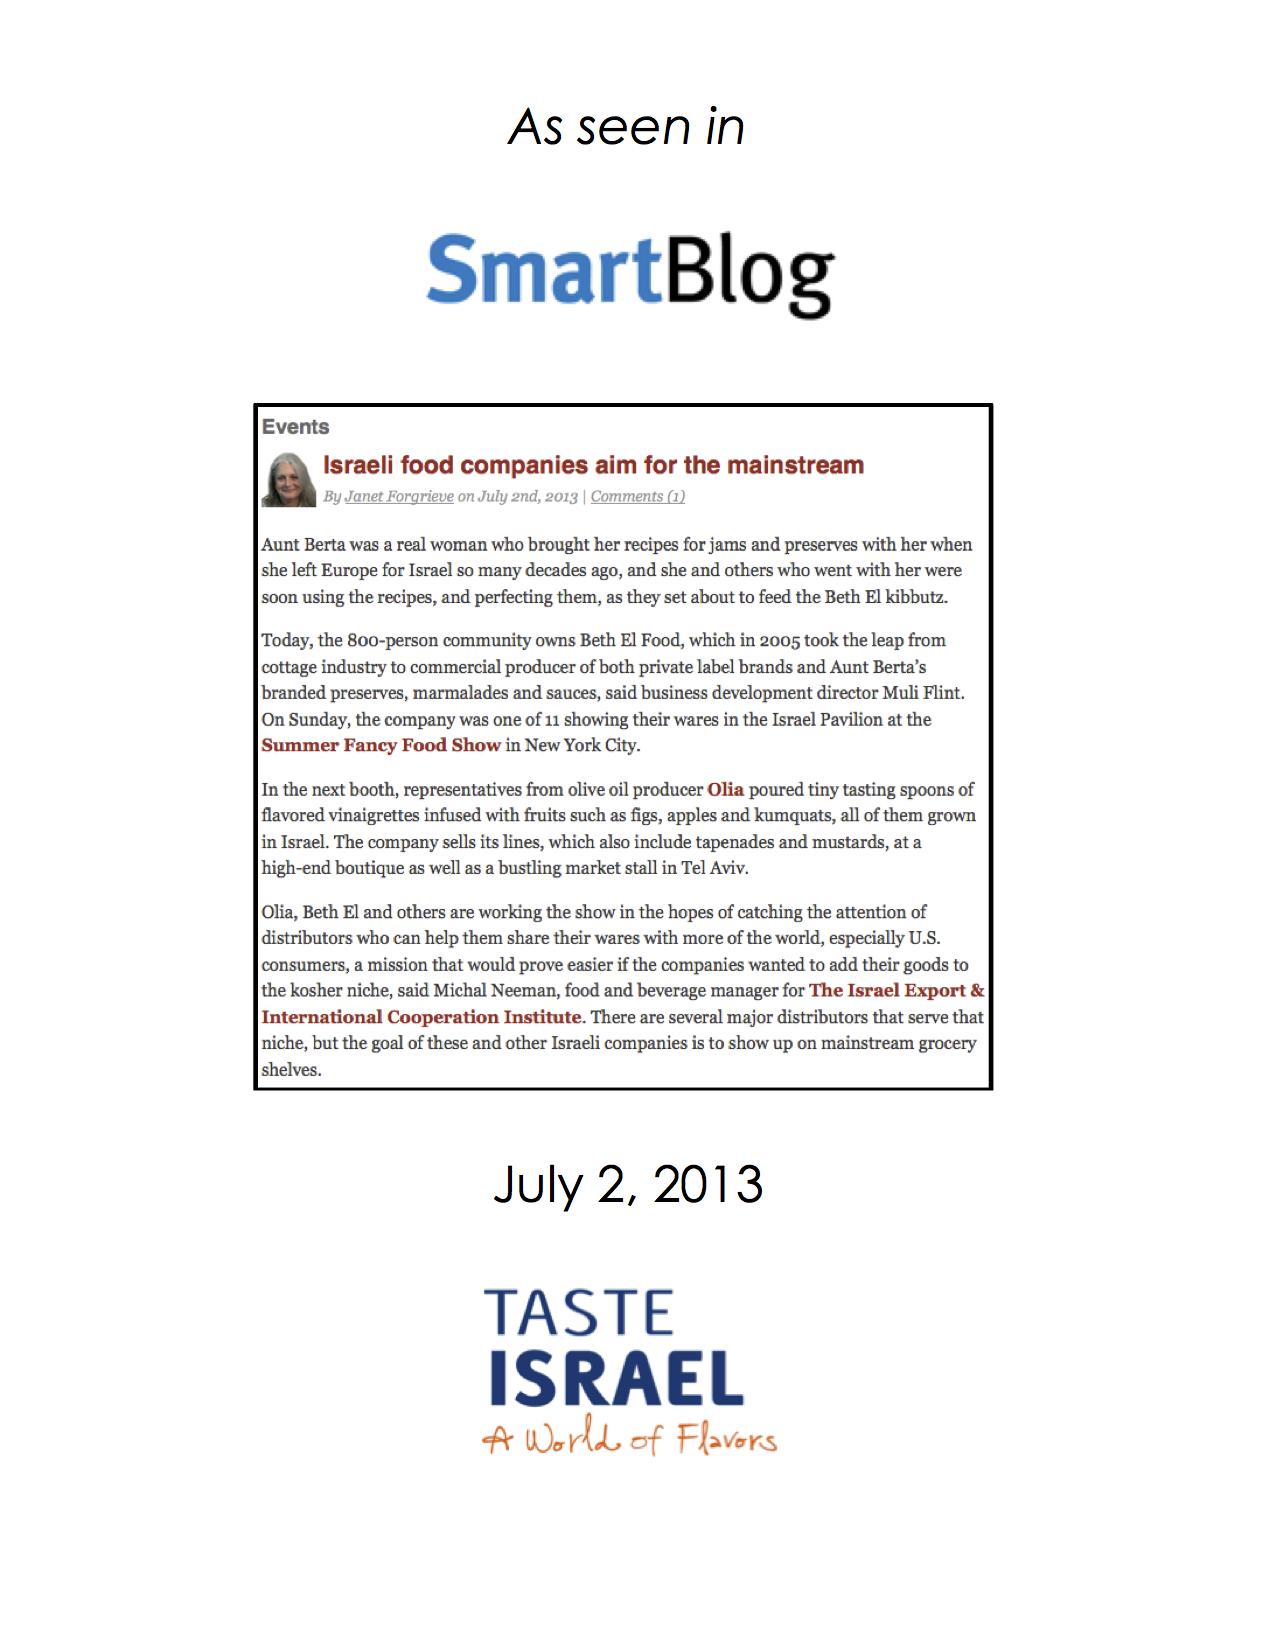 tasteofisrael-asseenin-smartbrief copy.jpg